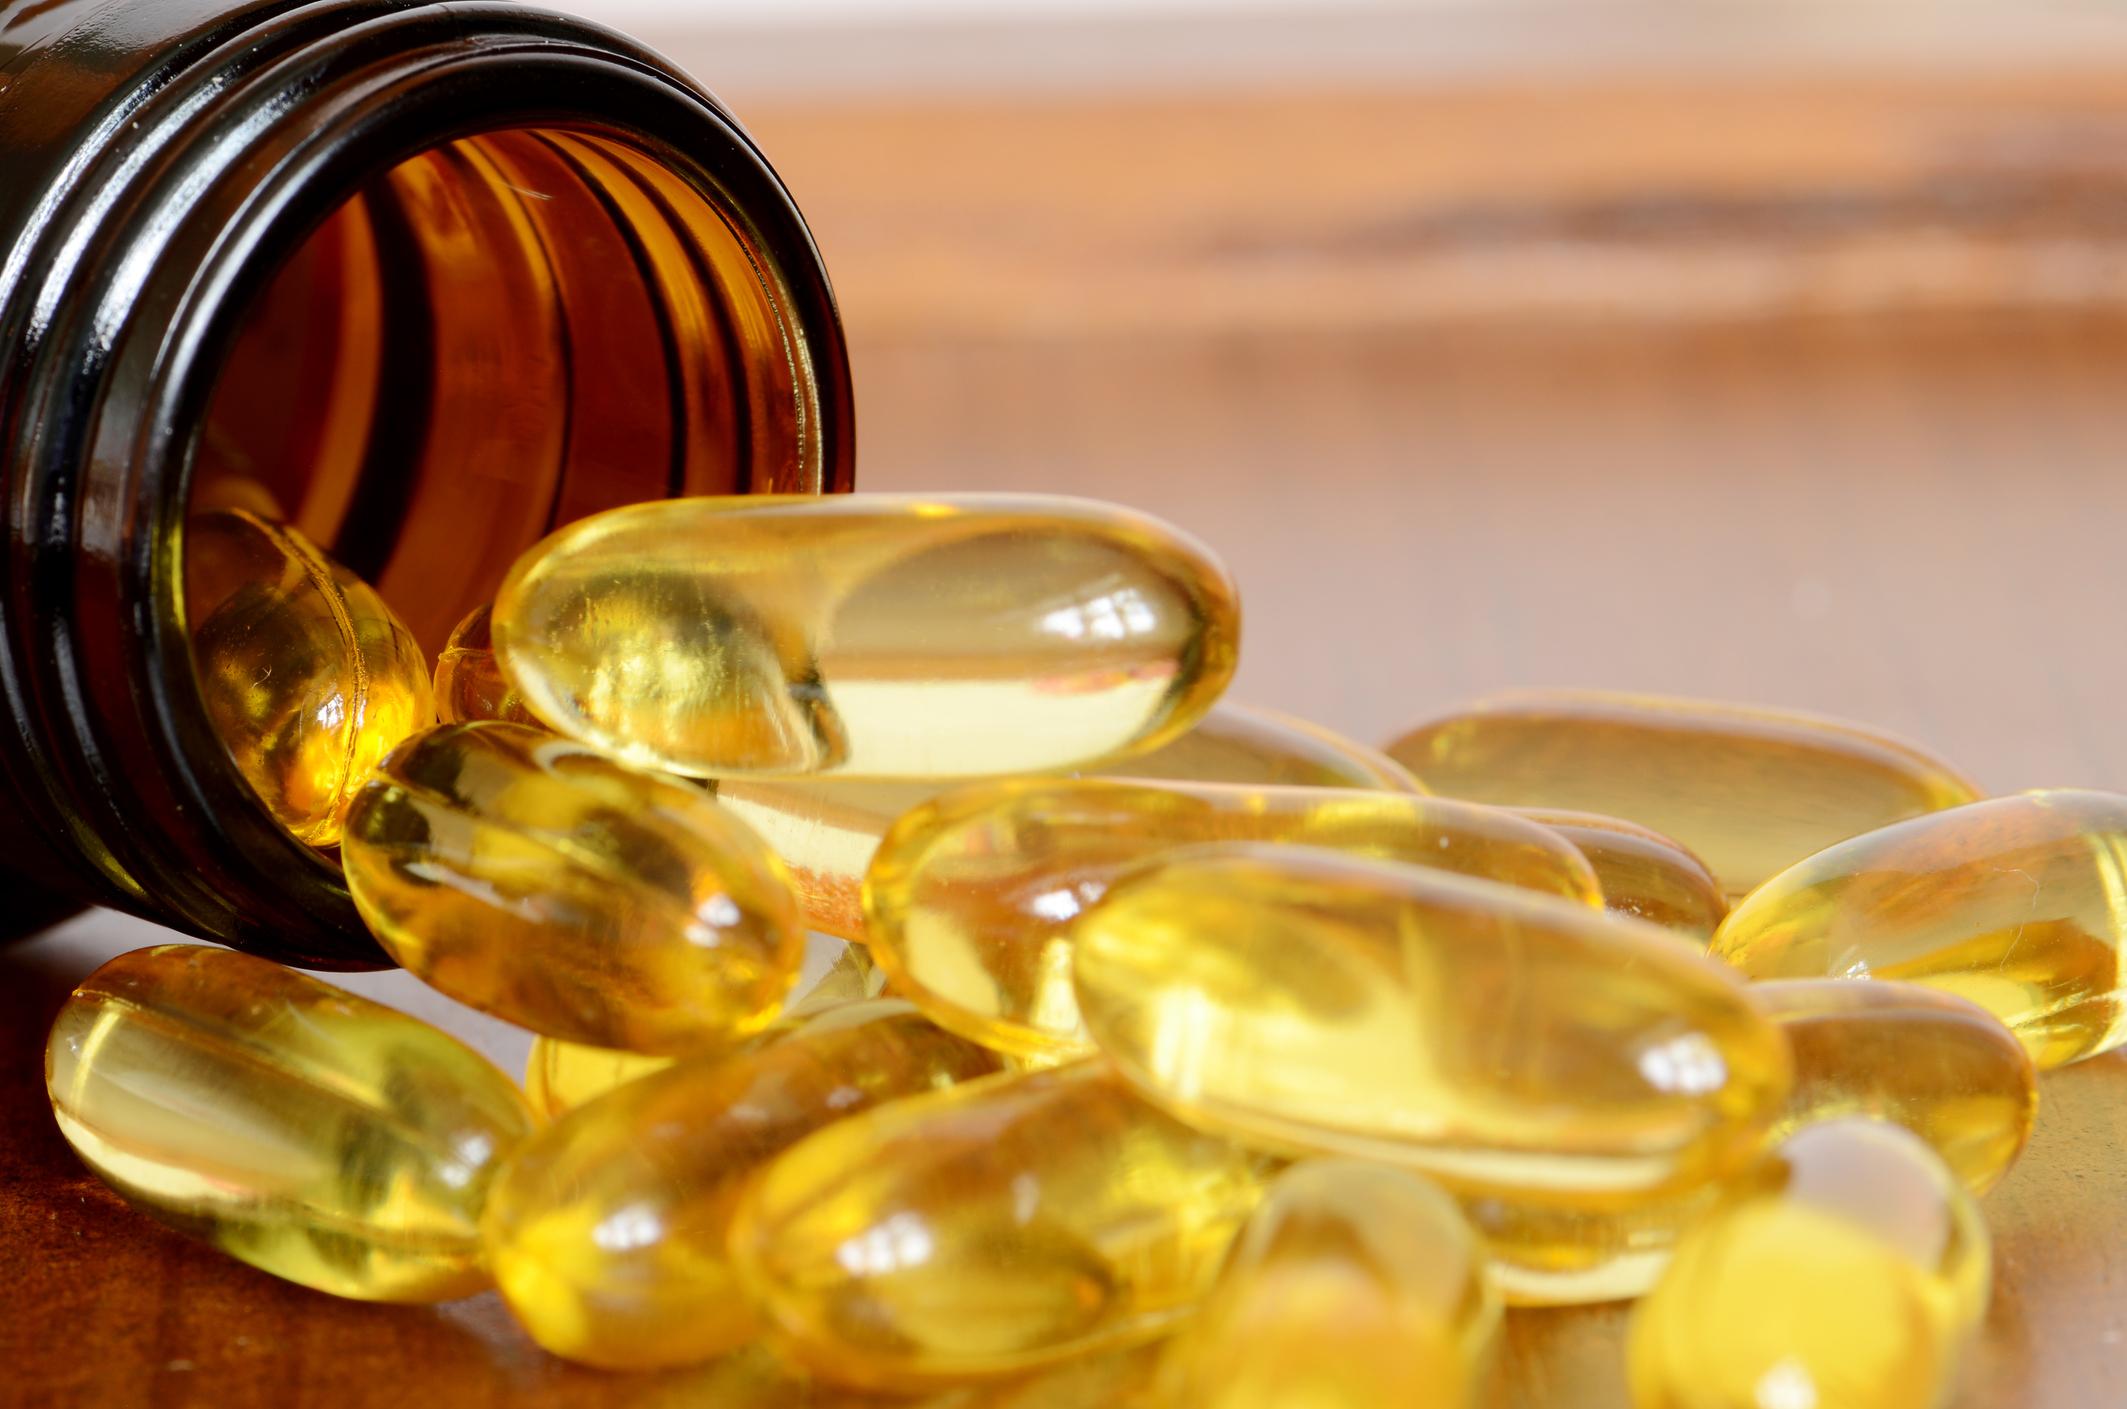 Витамин Е е силен антиоксидант и предпазва тялото от увреждане заради слънчевите лъчи. Храните, в които се съдържа, са яйцата, ядките, доматите, някои видове риби.